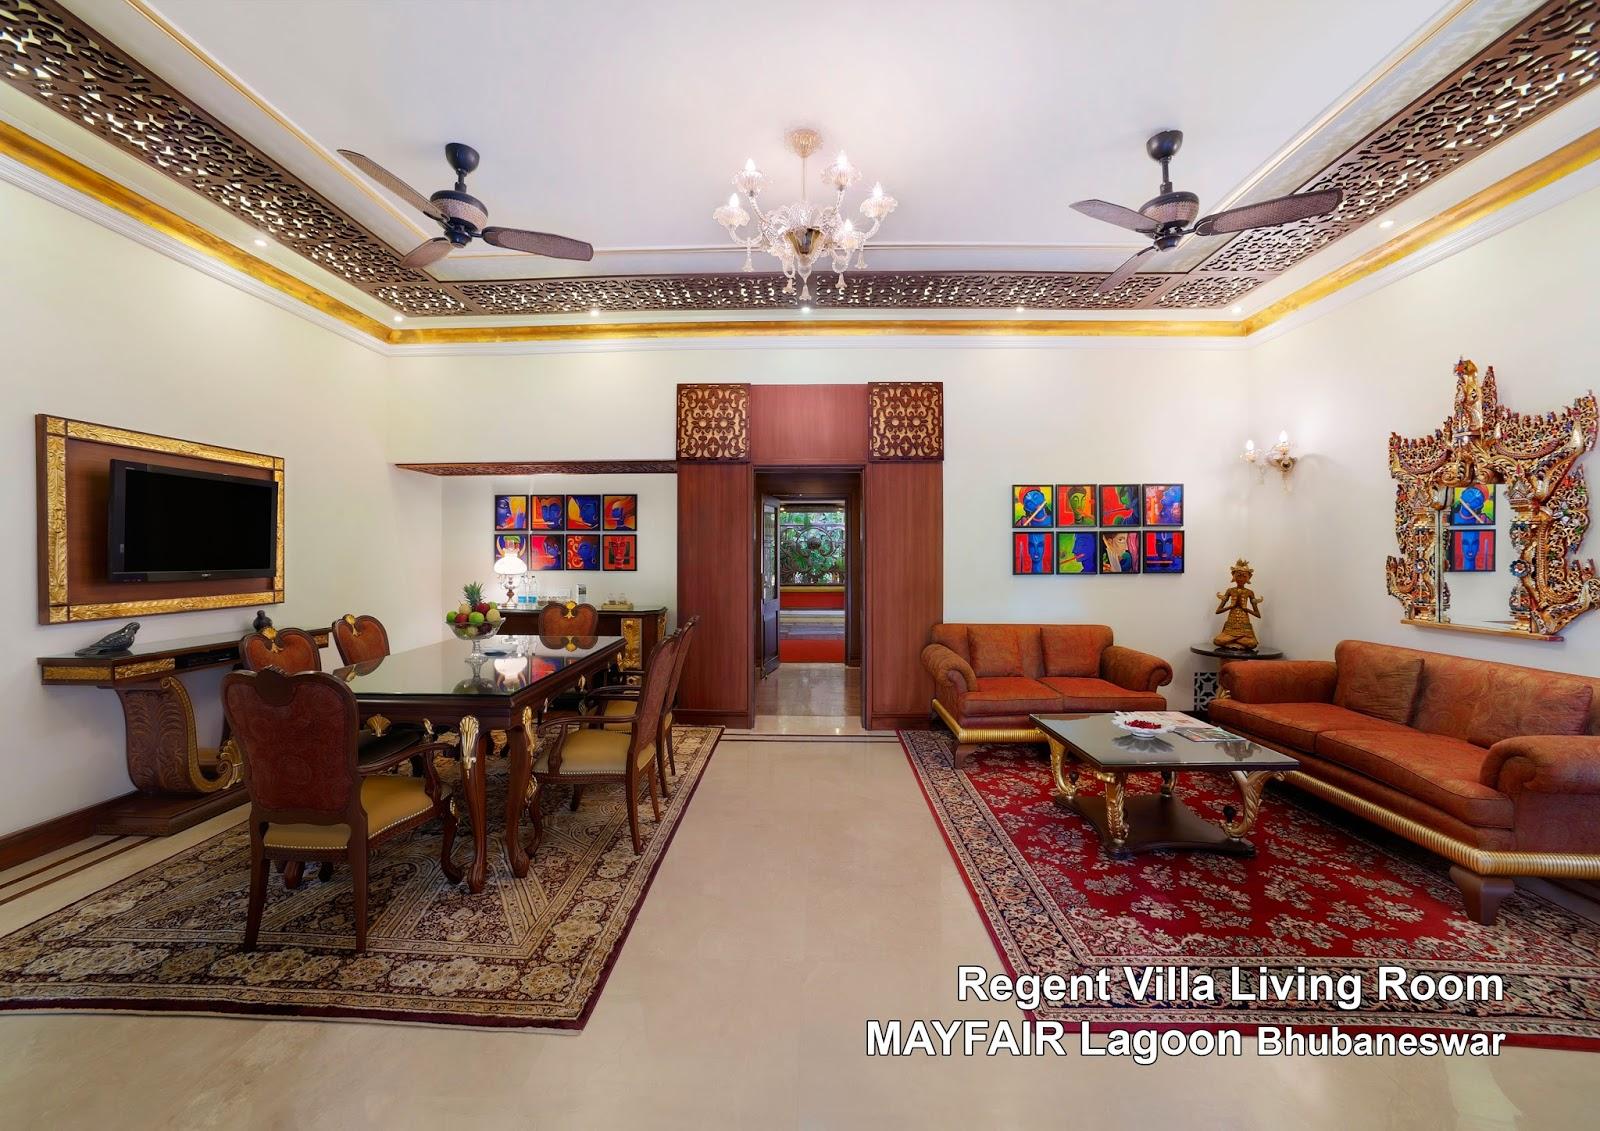 Regent Villa Room